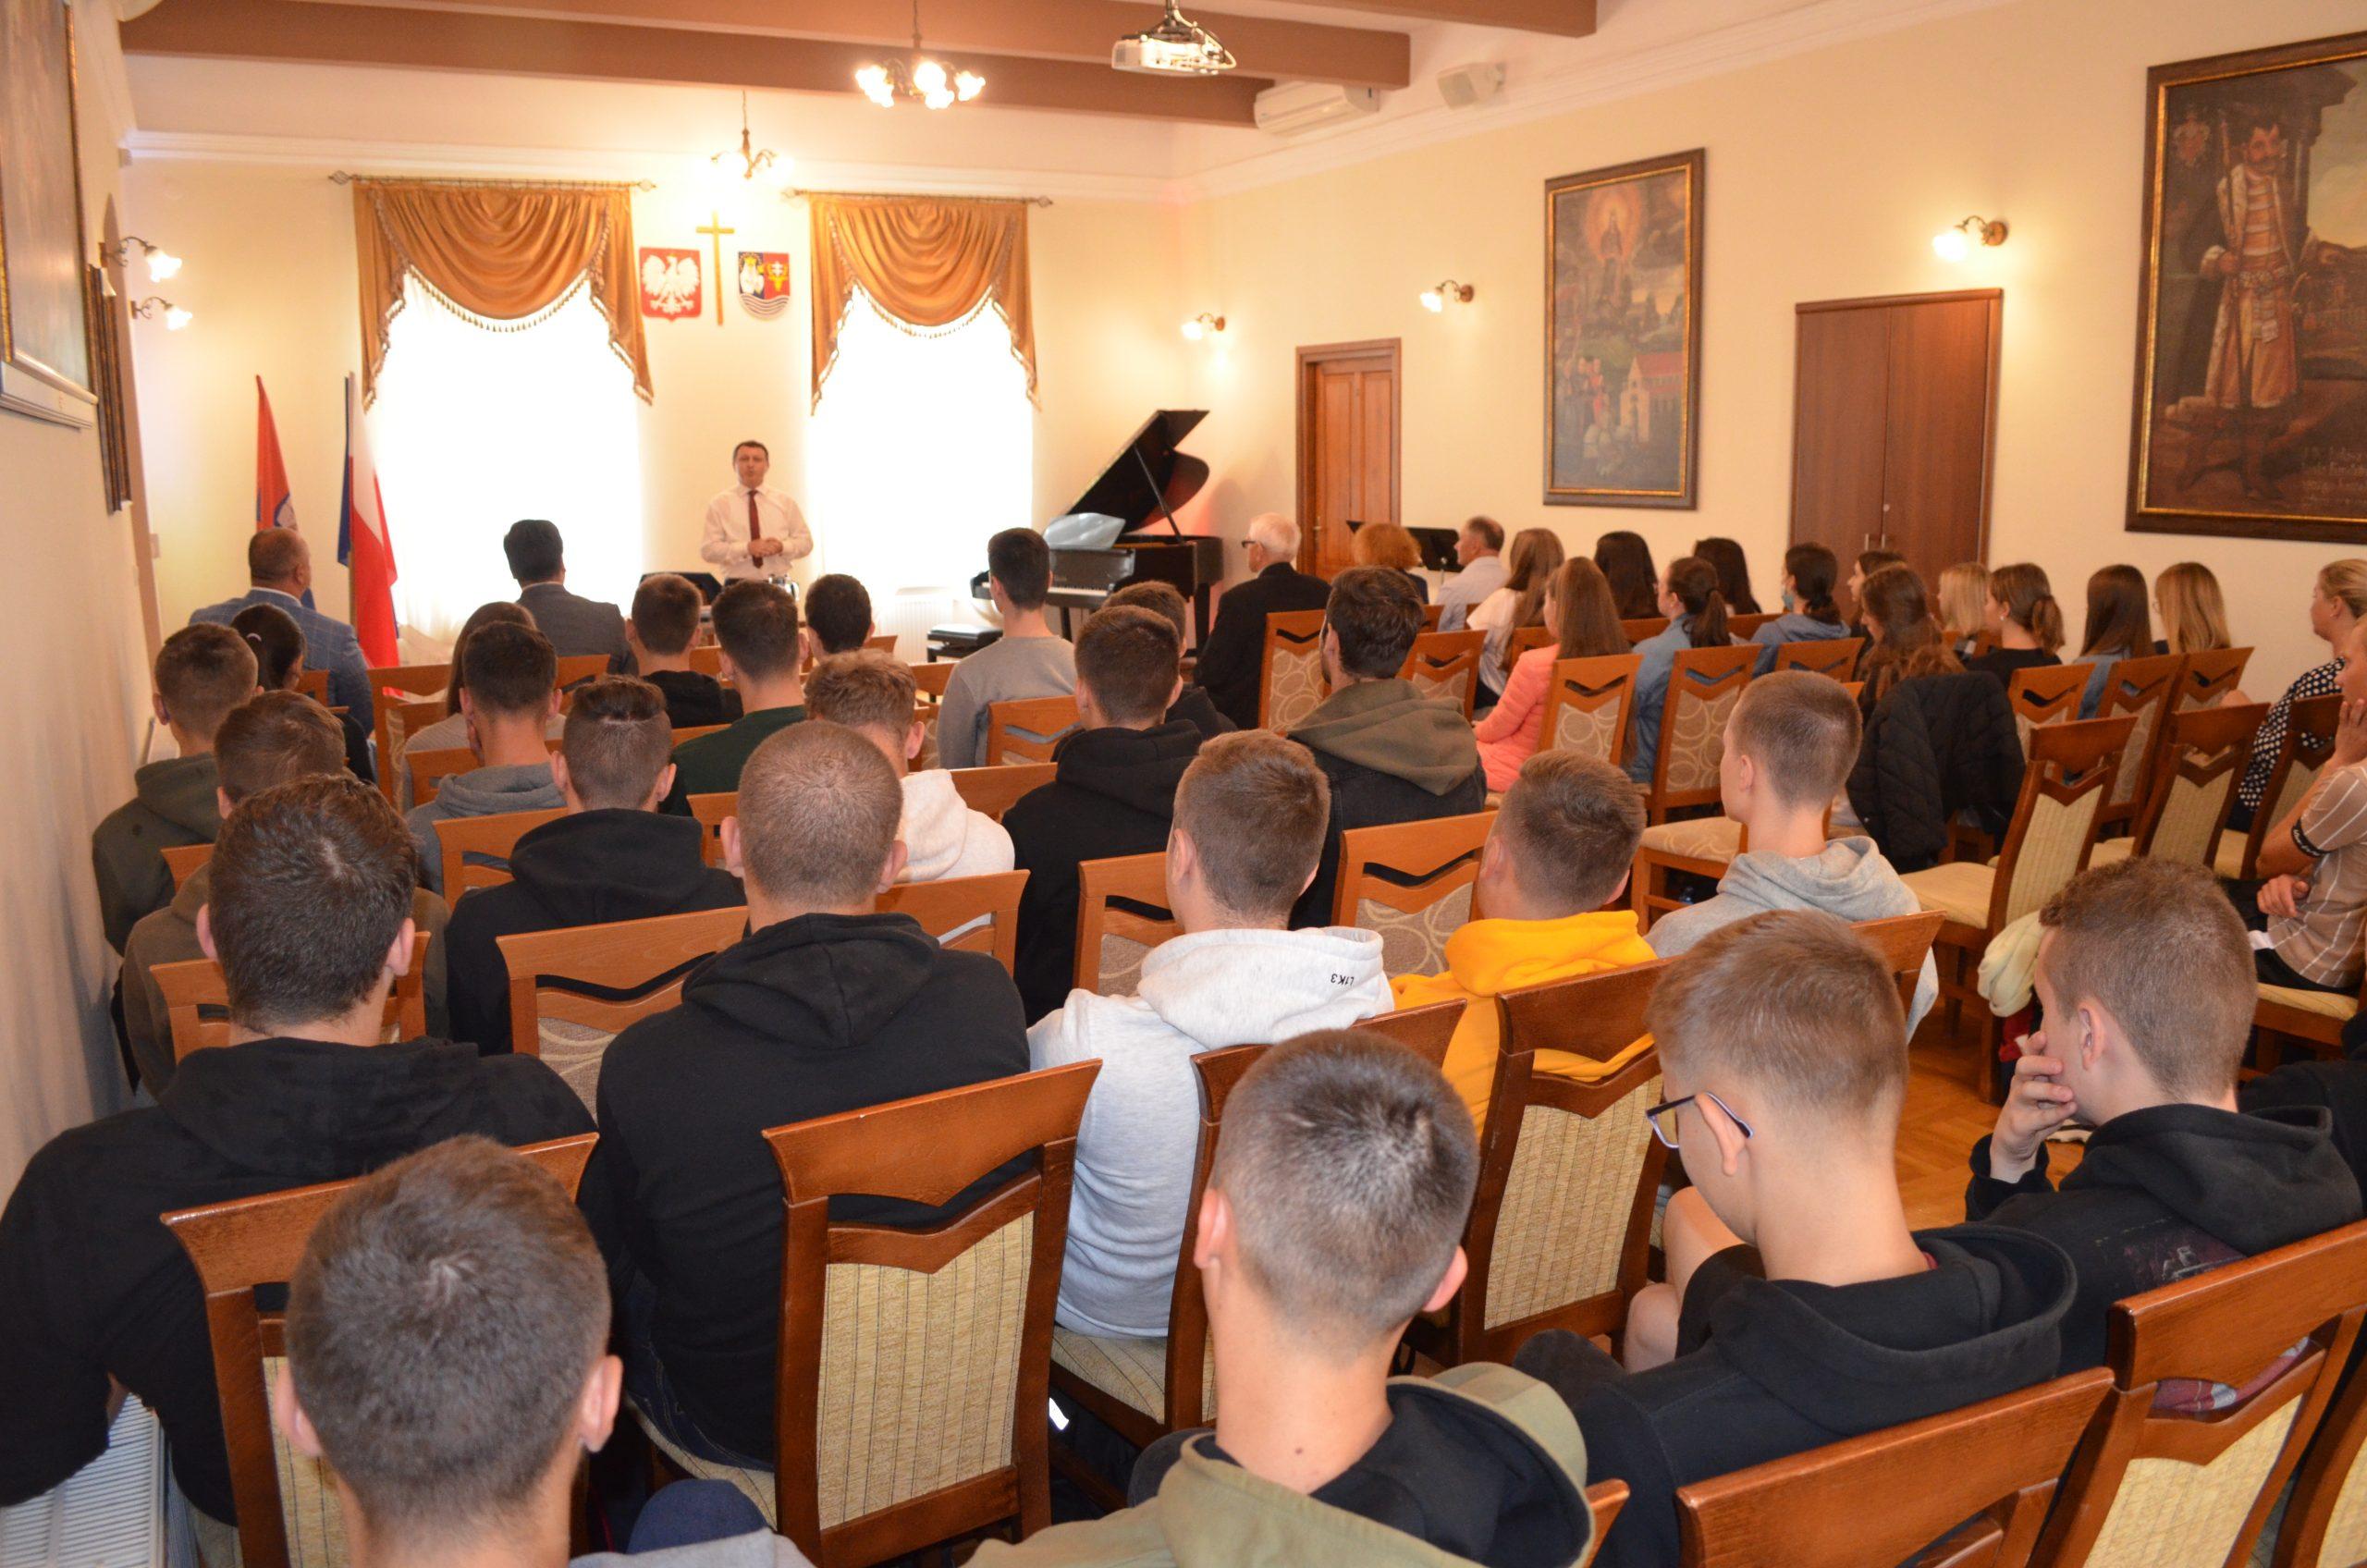 Uczniowie szkół średnich siedzą na sali konferencyjnej muzeum, widok z końca sali, w tle osoba przemawiająca, w sali panuje żółte światło.